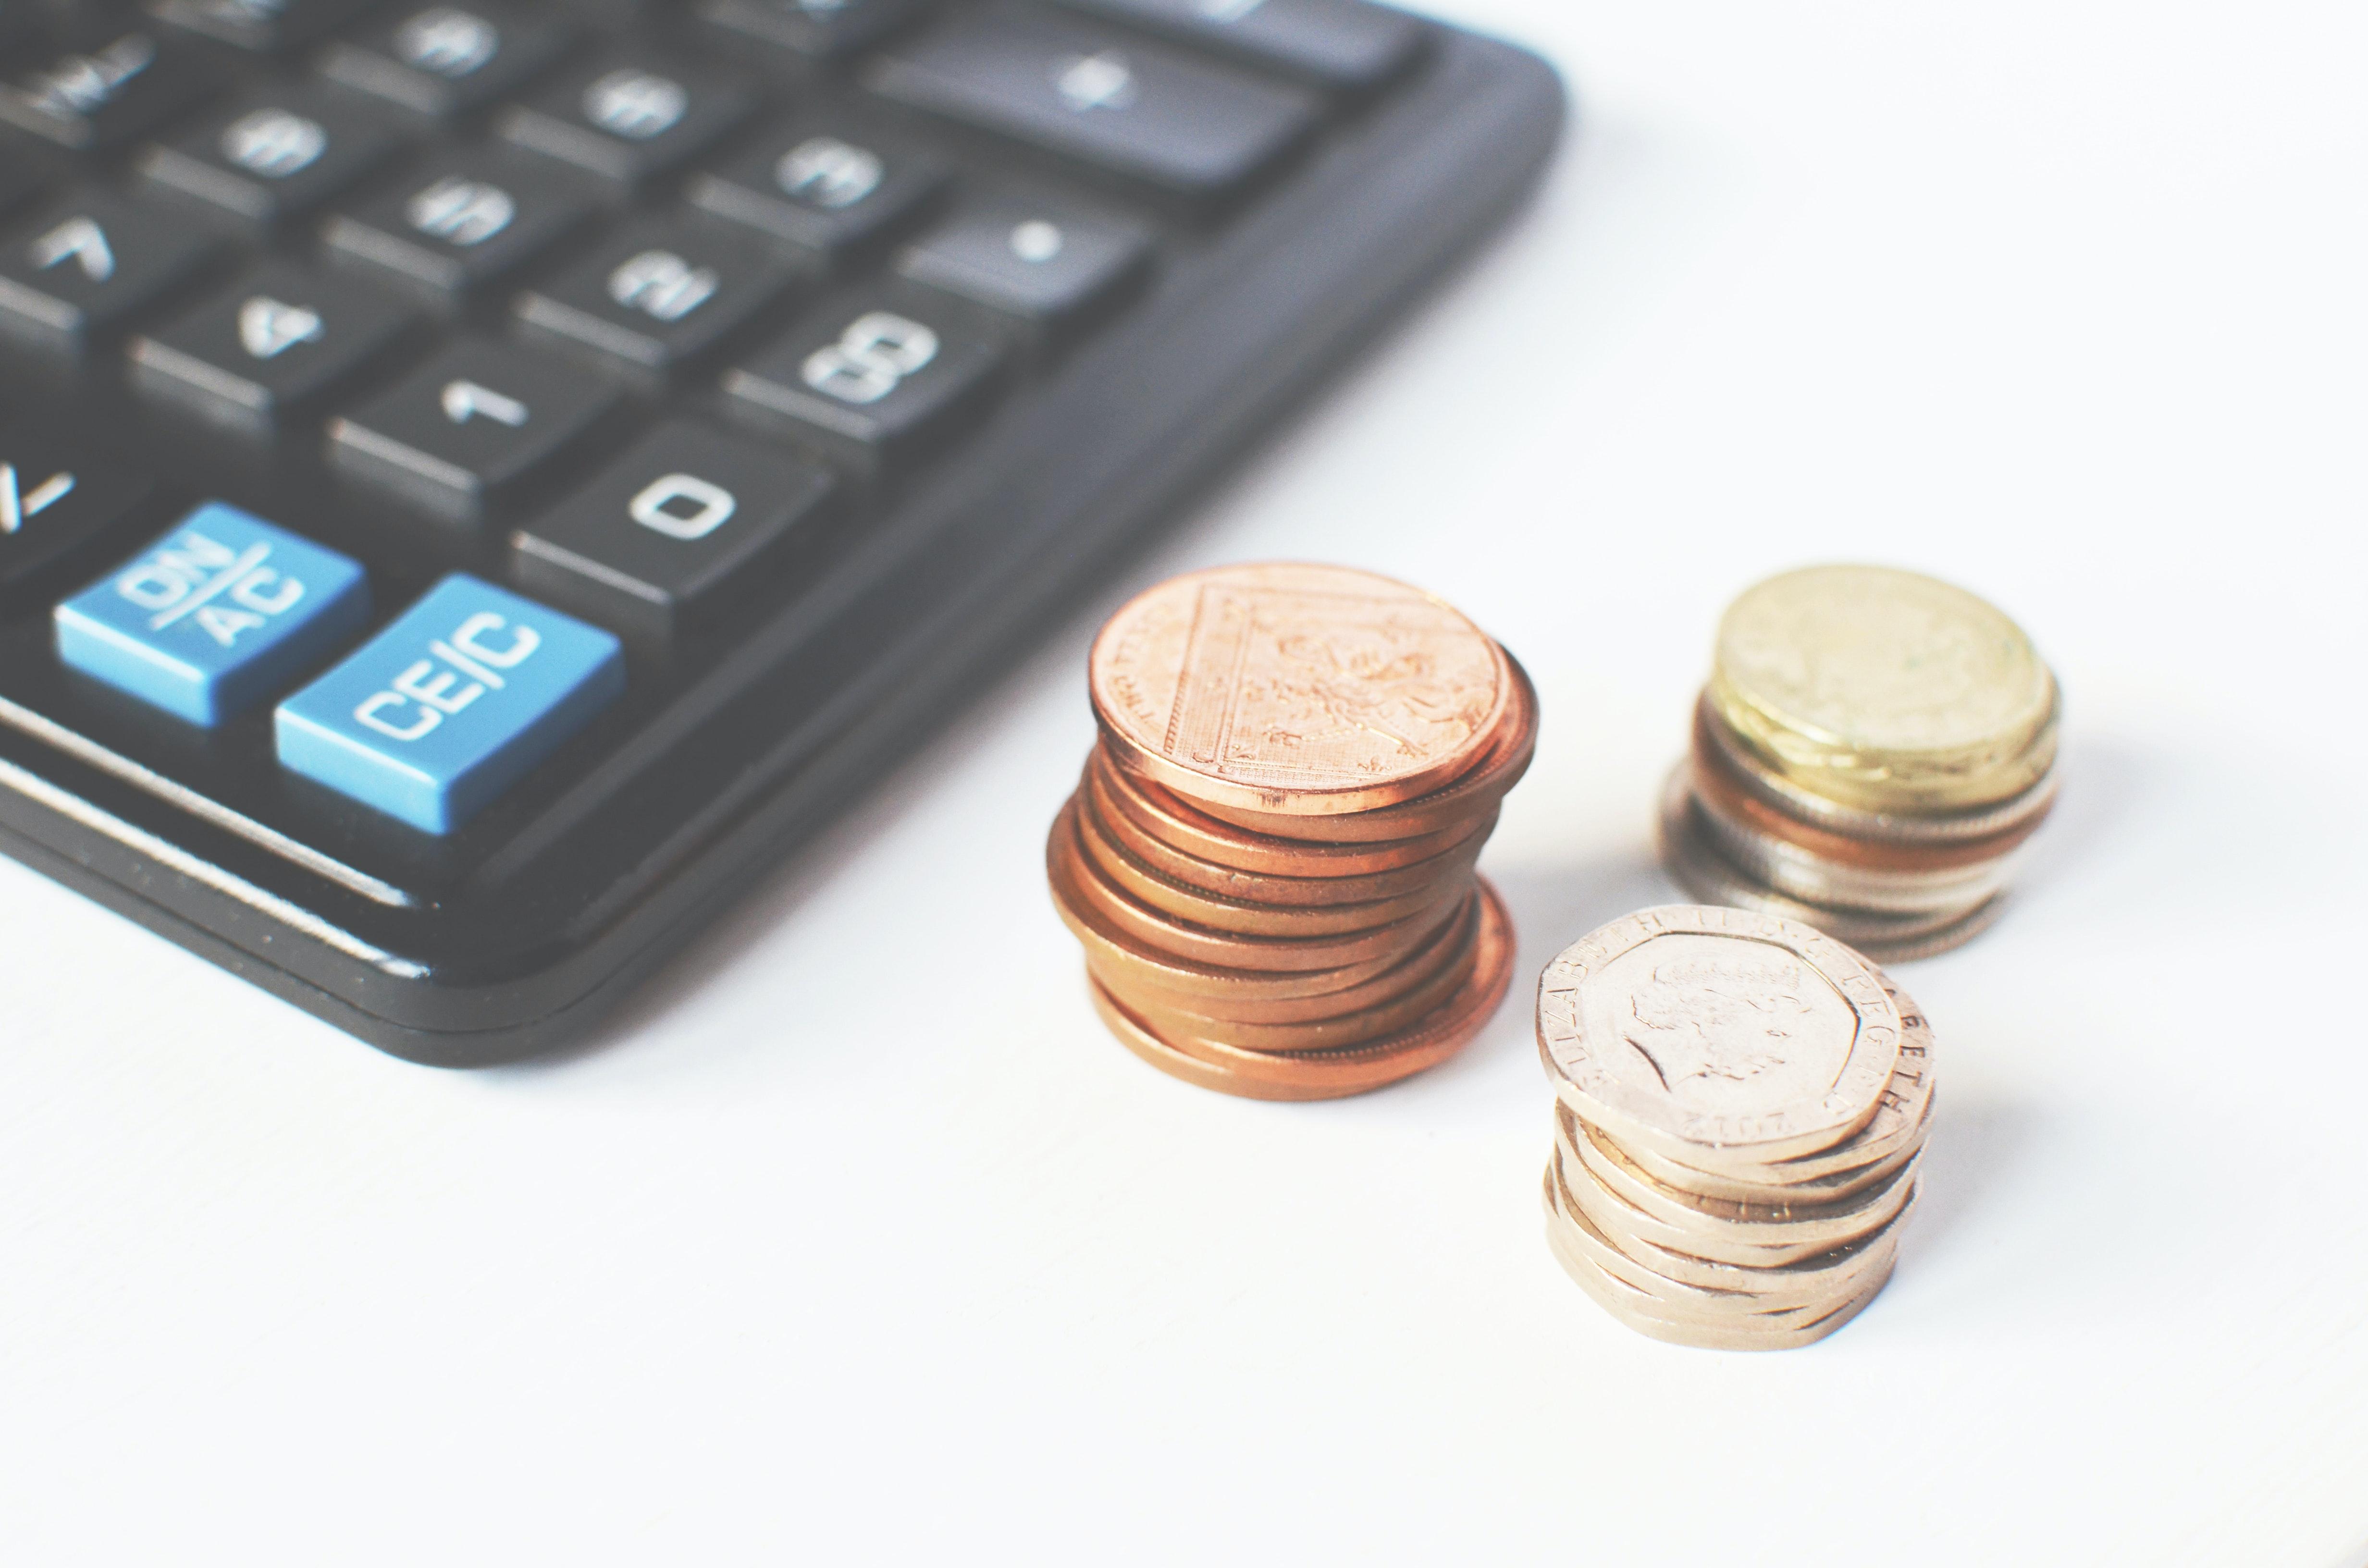 Energieleveranciers en de prijzen voor hun energie vergelijken.